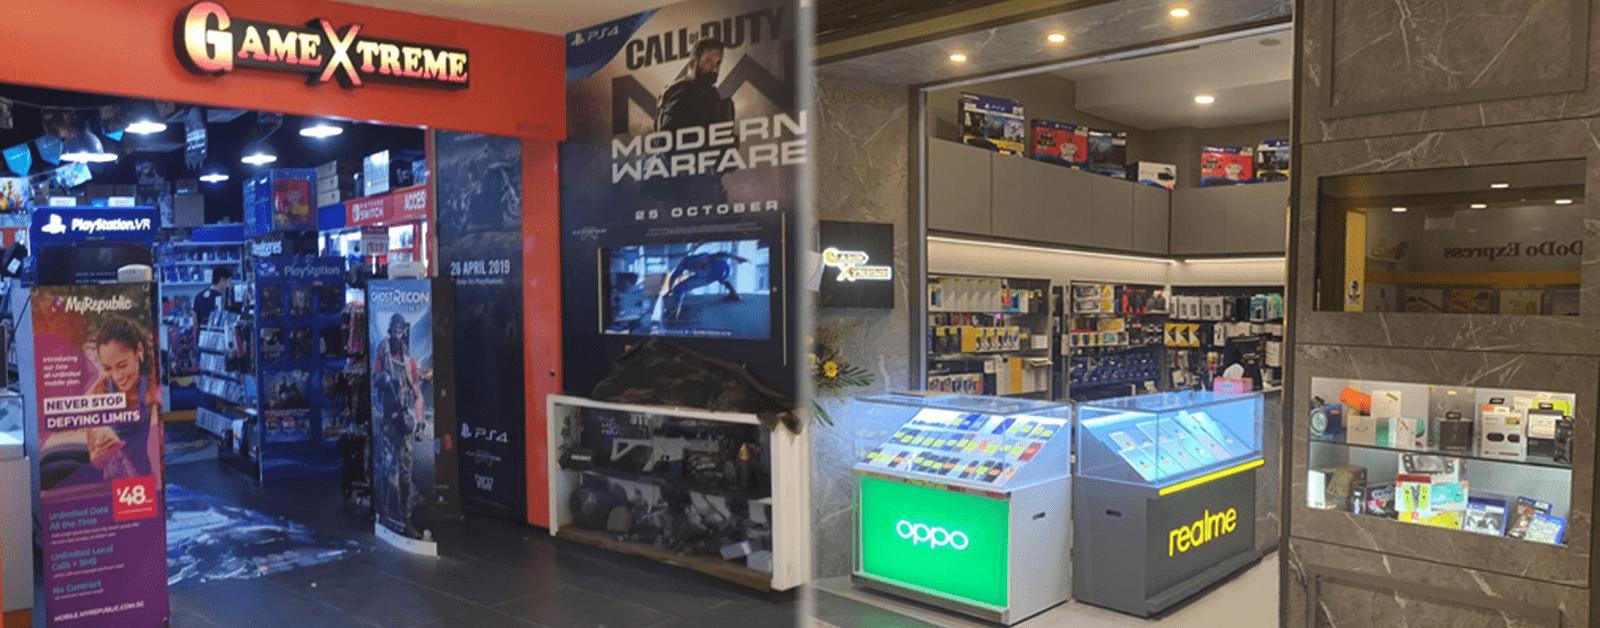 GameXtreme shop